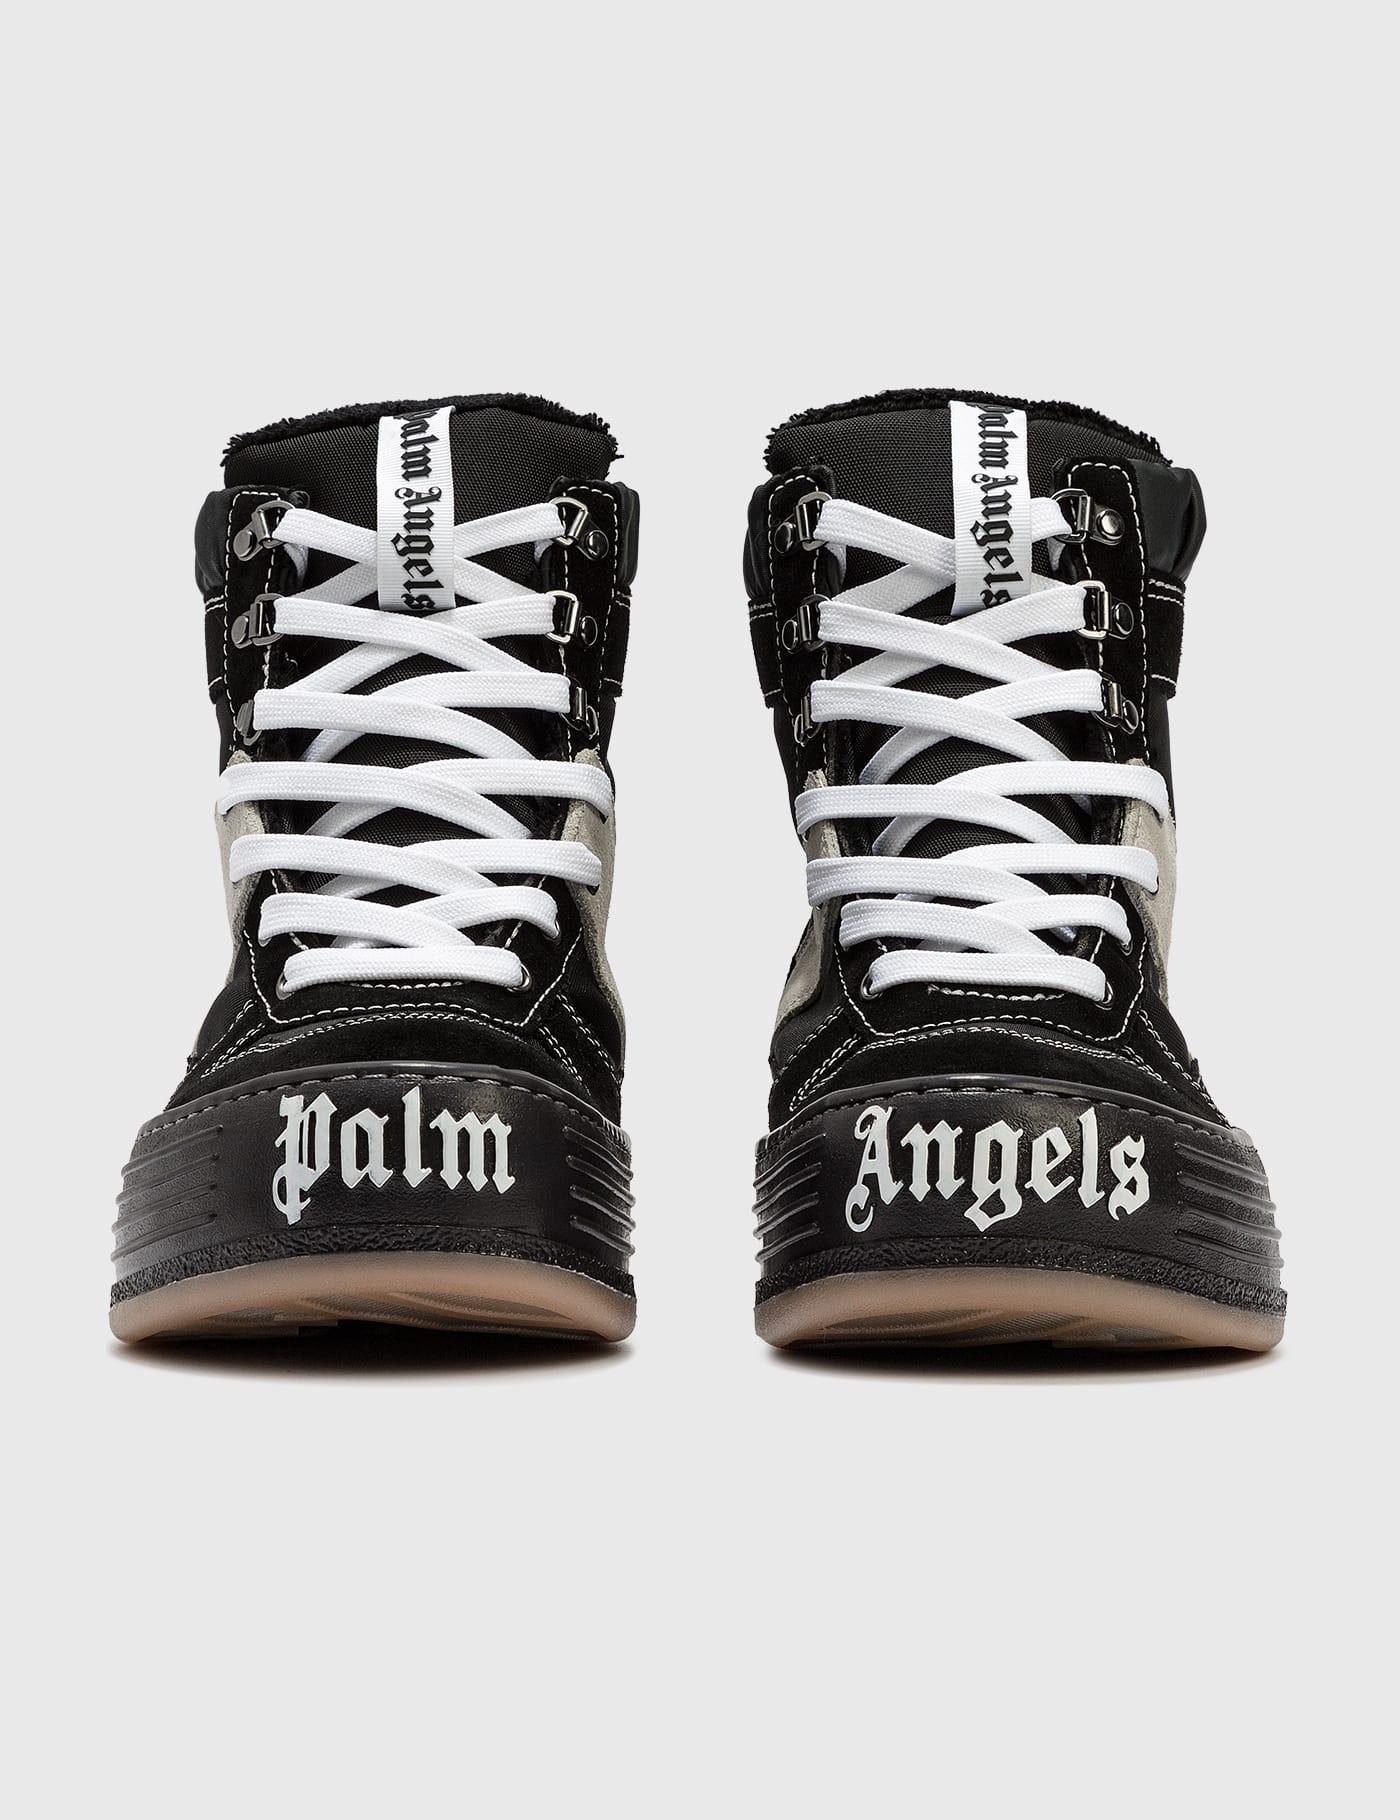 Palm Angels - Snow High Top Sneaker | HBX